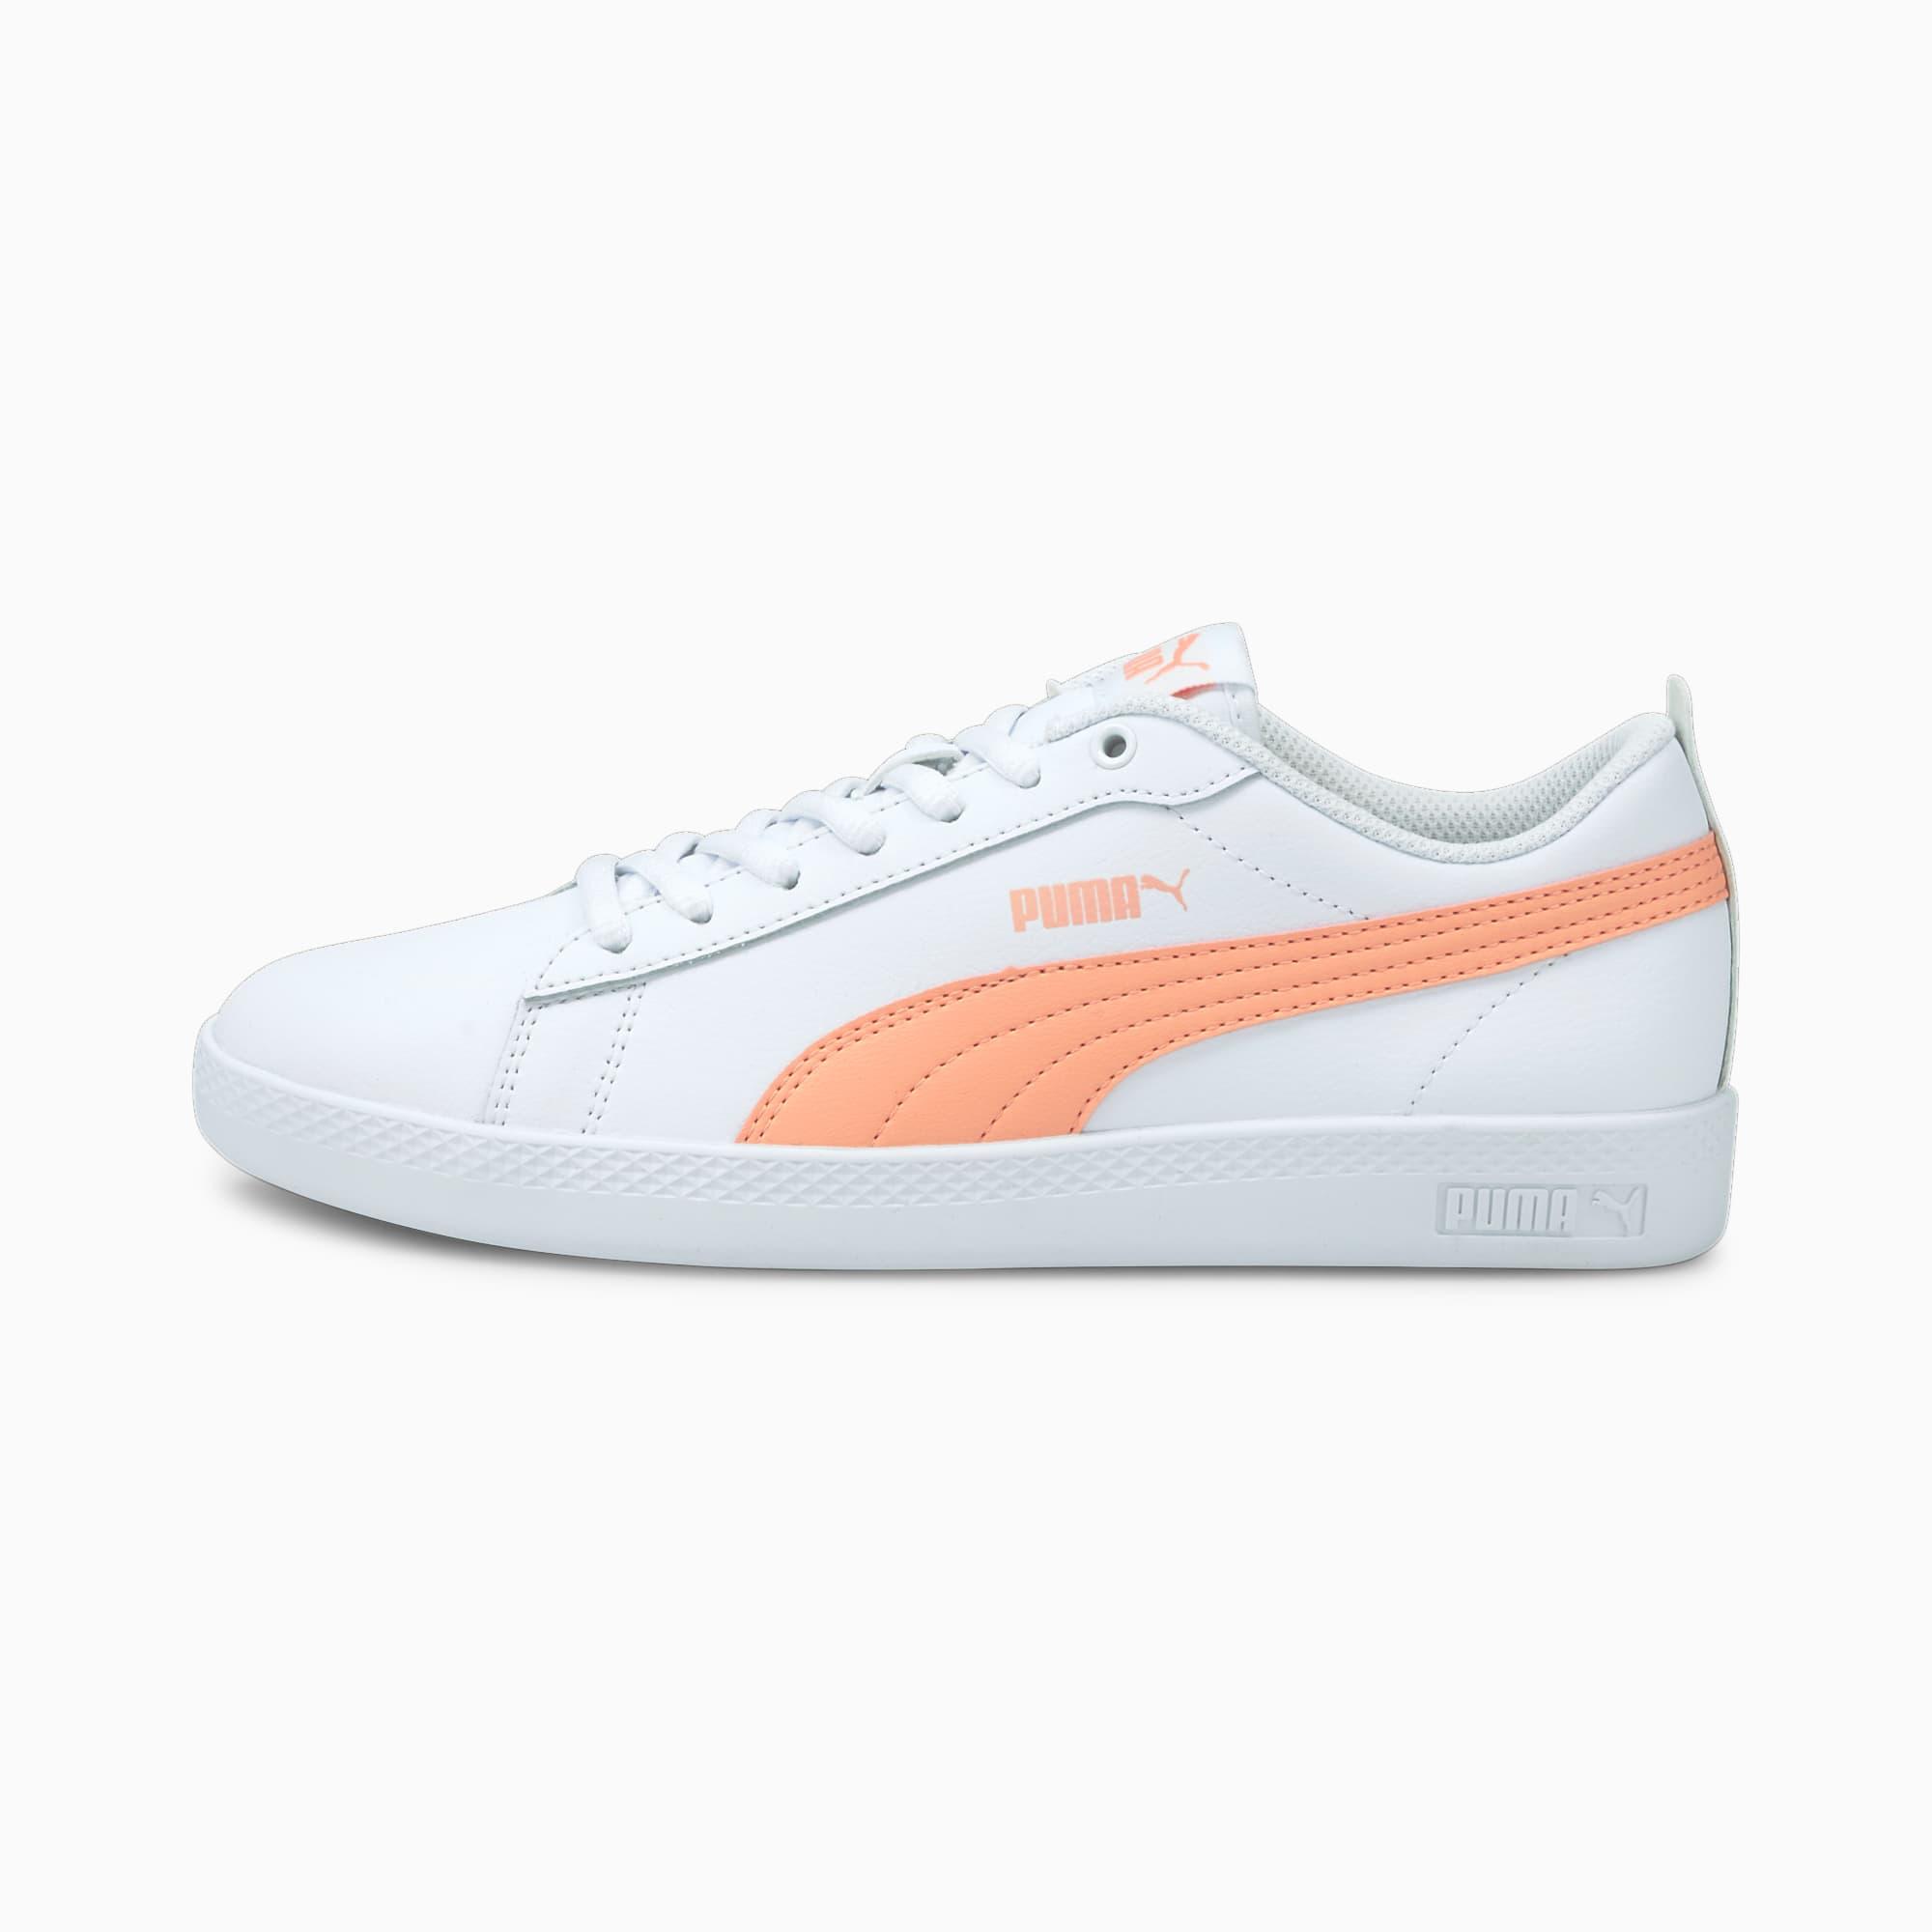 PUMA Smash v2 Leder Damen Sneaker Schuhe | Mit Aucun | Weiß/Schwarz | Größe: 37.5